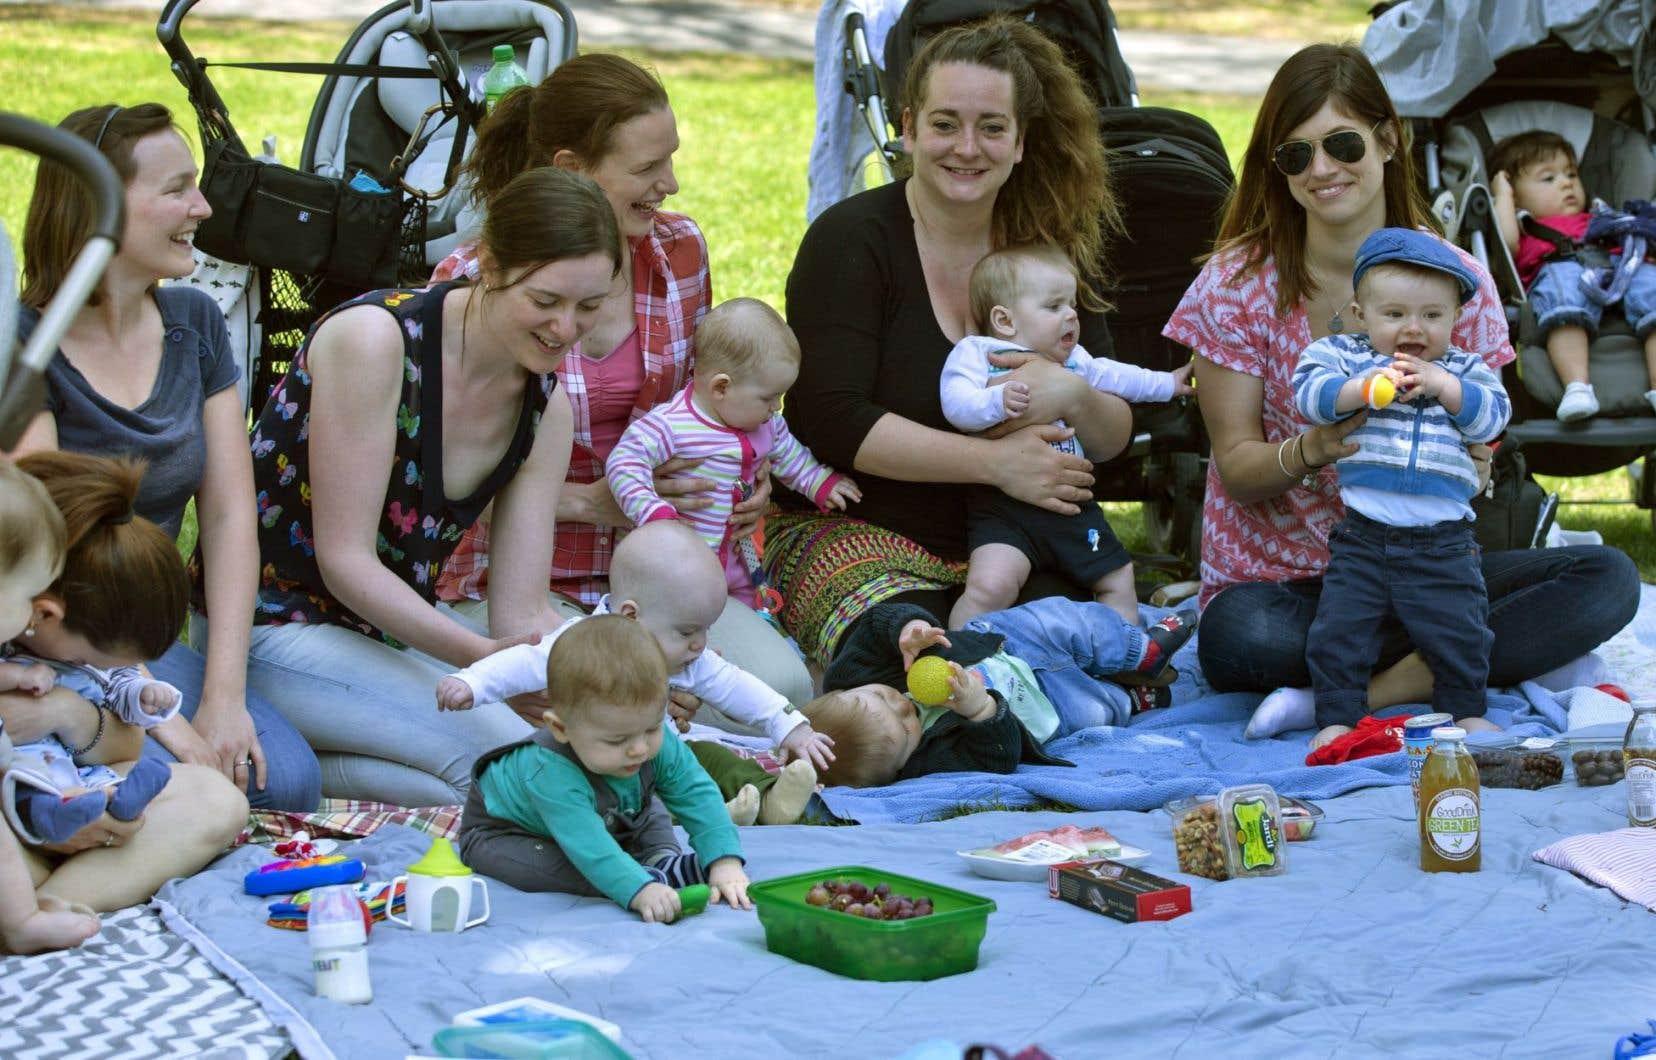 Ce groupe de mamans profitait de la température clémente jeudi à Montréal. Alors que 88% des mères prennent une partie du congé parental, seul 32% des pères s'en prévalent. Le Conseil du statut de la femme propose de modifier le RQAP.